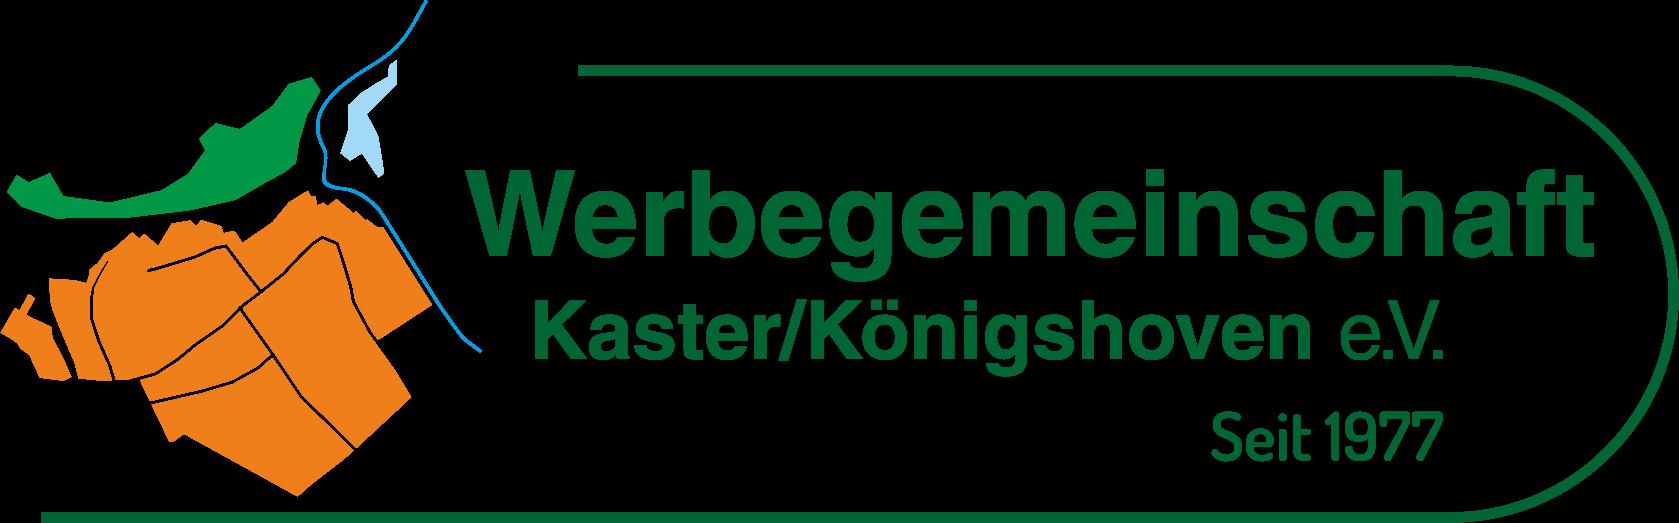 Werbegemeinschaft-Kaster-Königshoven